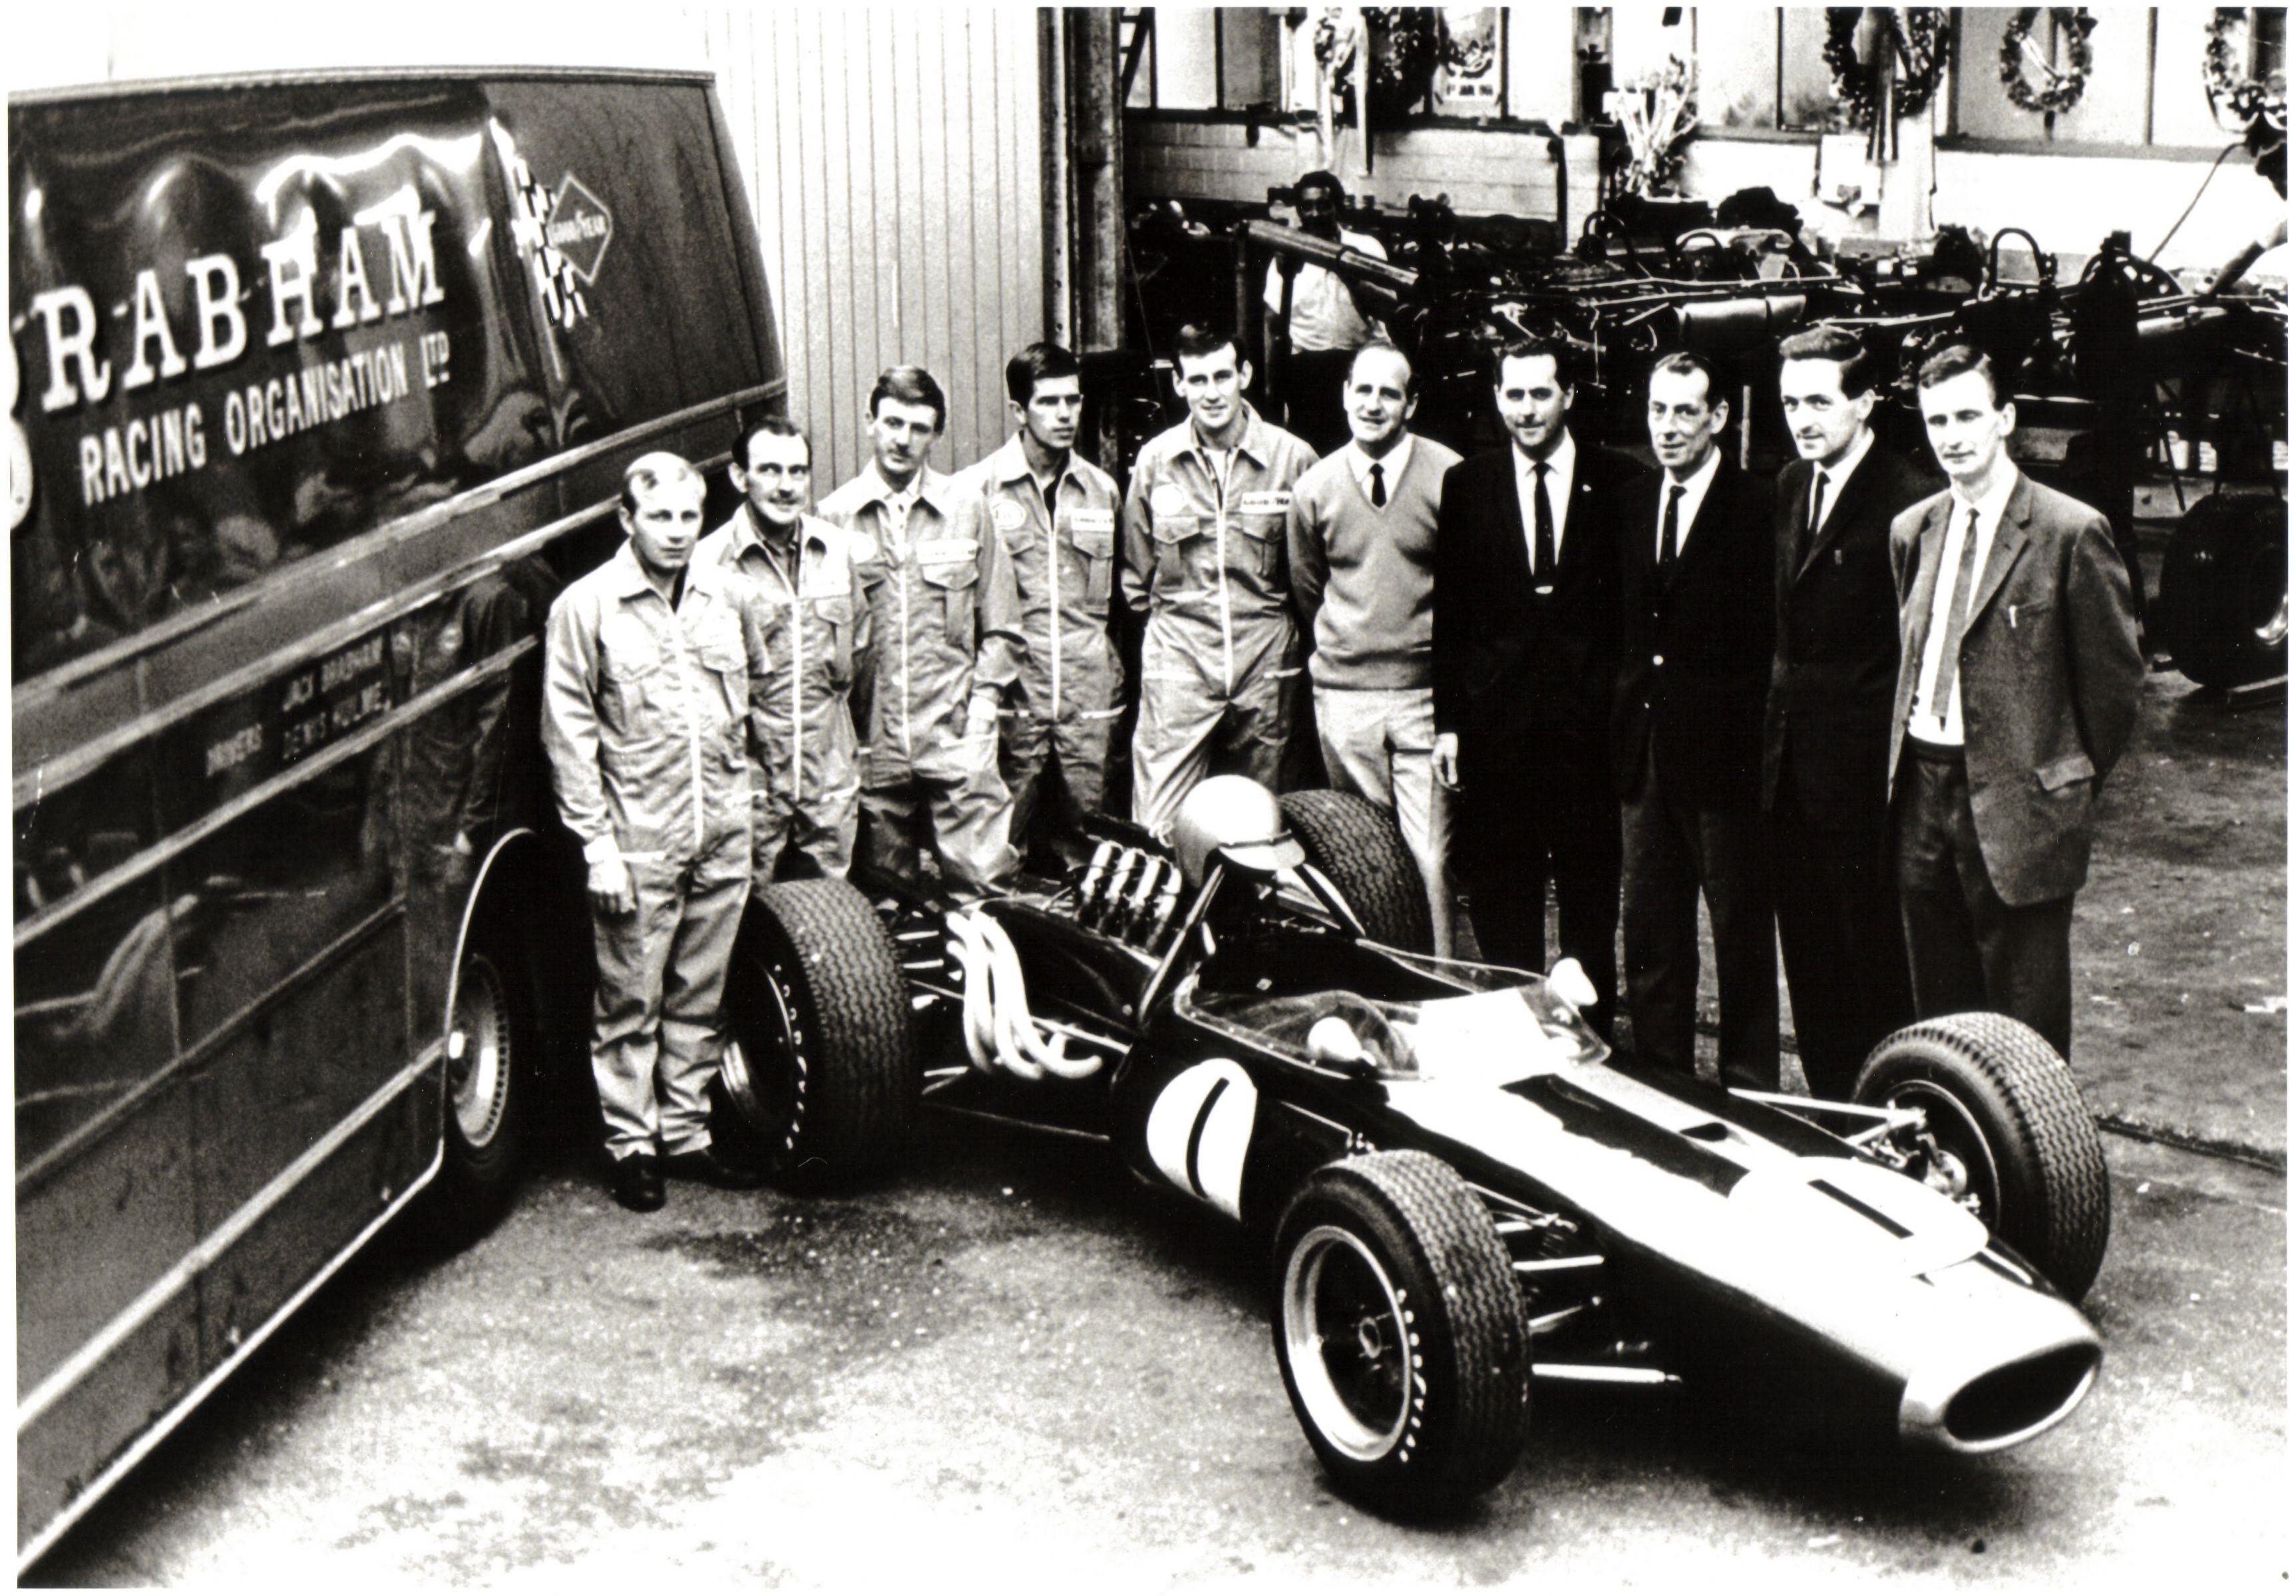 Brabham F1 Winning Team 1966 1967